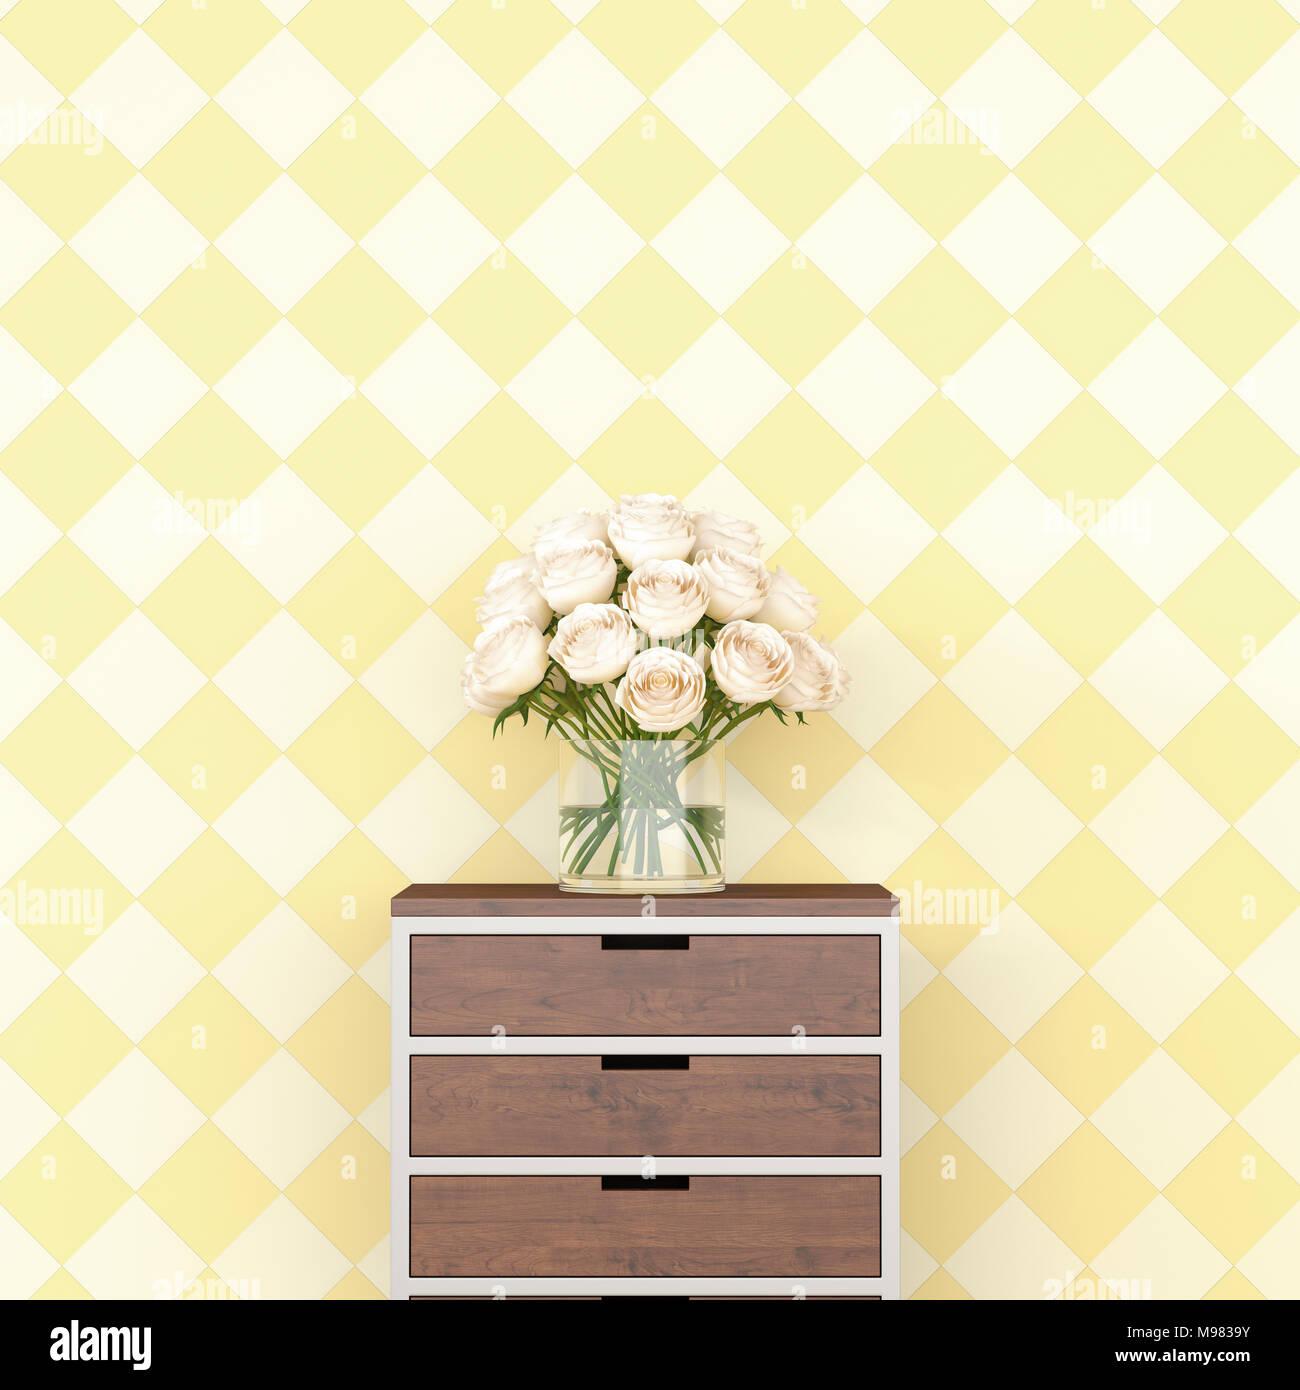 Blumen Auf Der Kommode Vor Der Karierten Muster Tapete 3d Rendering